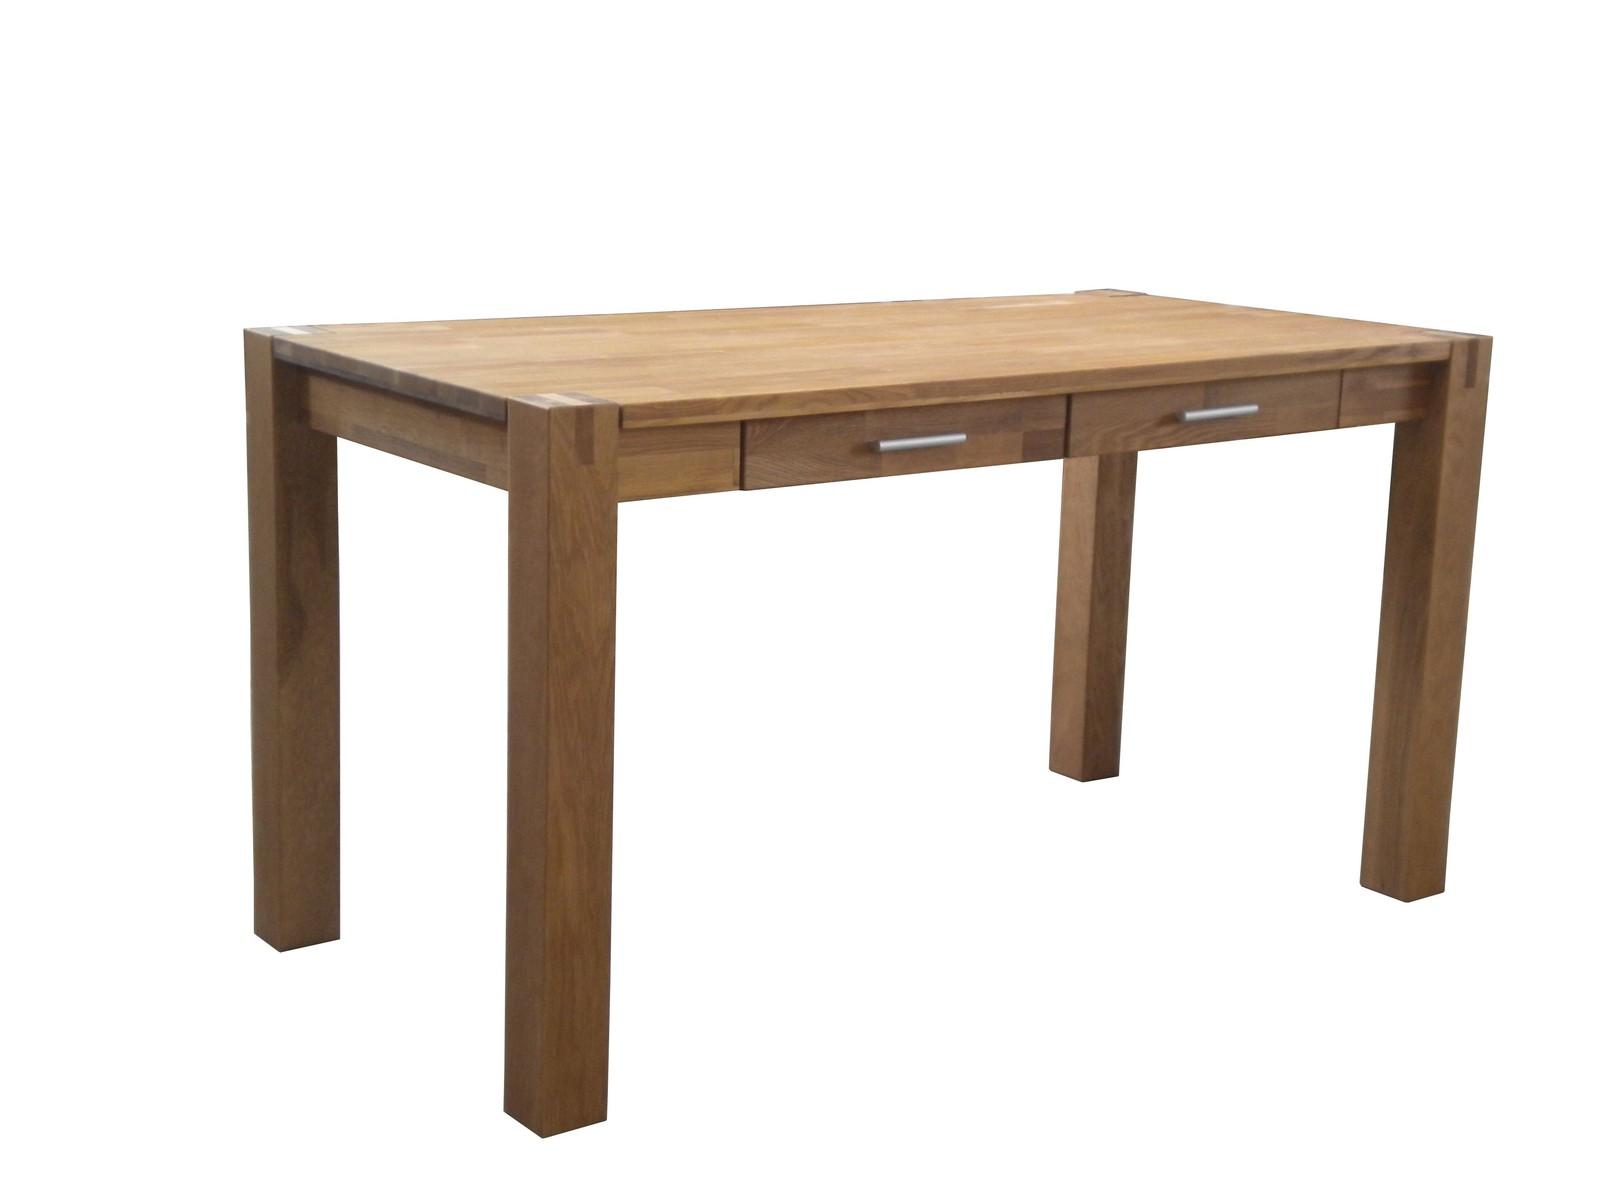 Sam esszimmer tisch sit eiche 140 x 70cm 2 schubladen for Tisch esszimmer